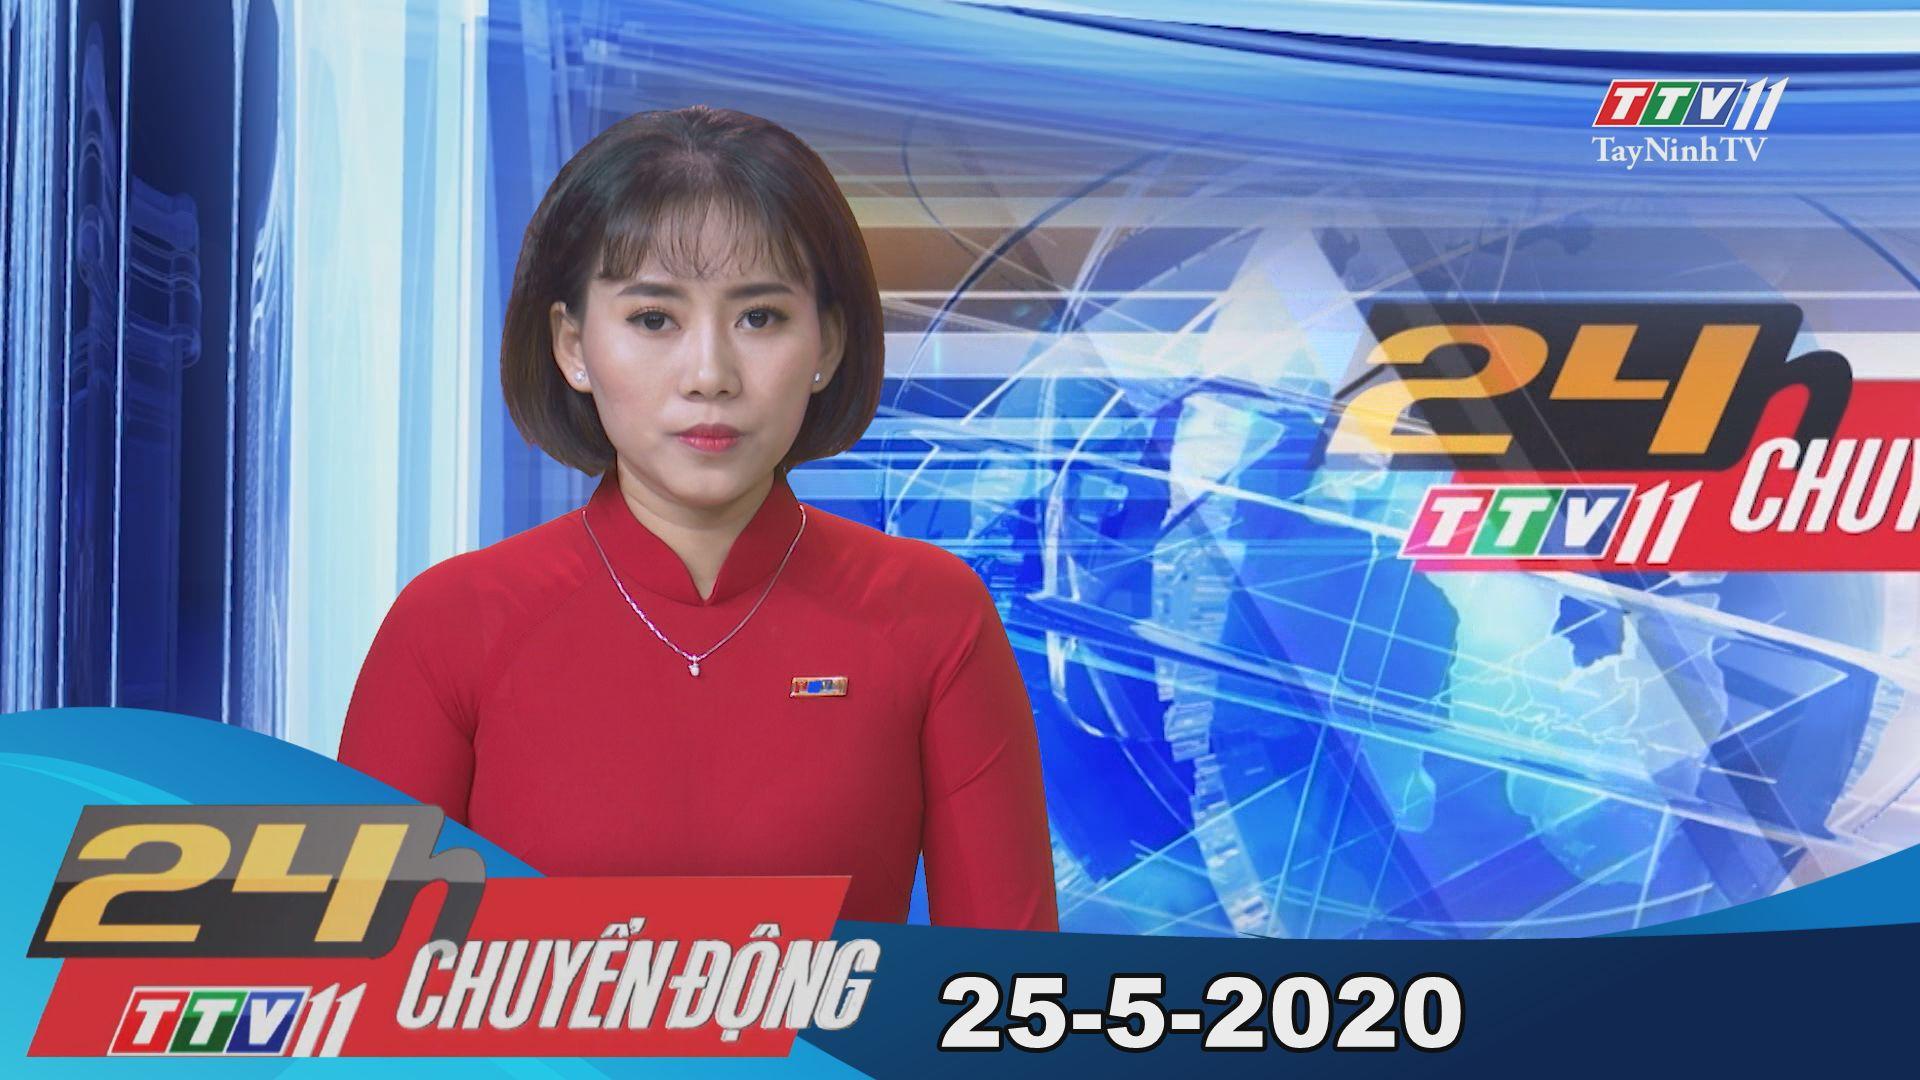 24h Chuyển động 25-5-2020 | Tin tức hôm nay | TayNinhTV